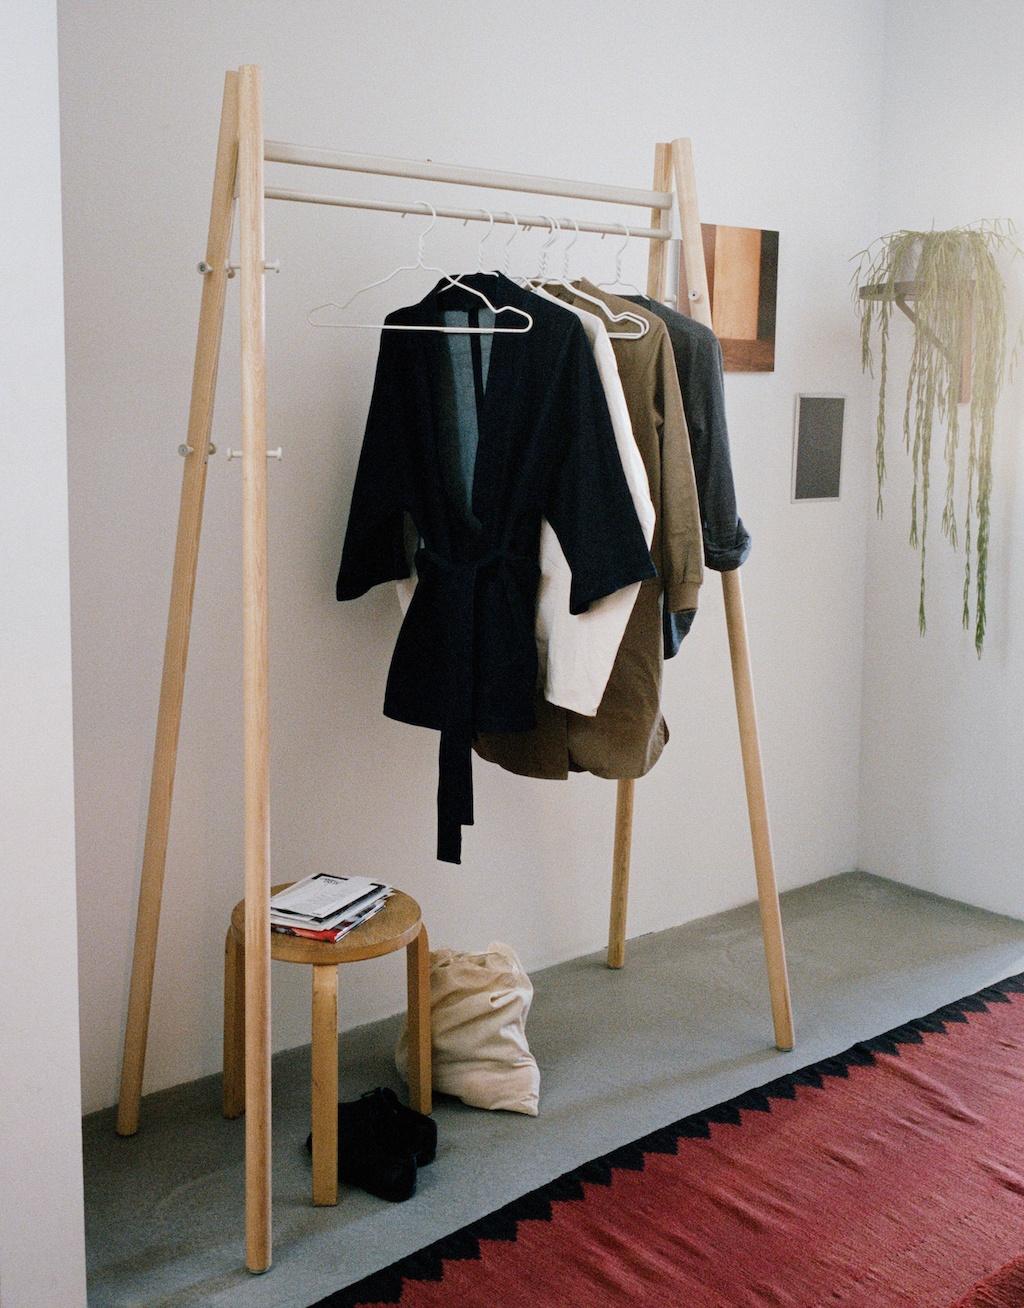 Kleiderstange aus Holz mit Bekleidung und Bügeln für die erste eigene Wohnung